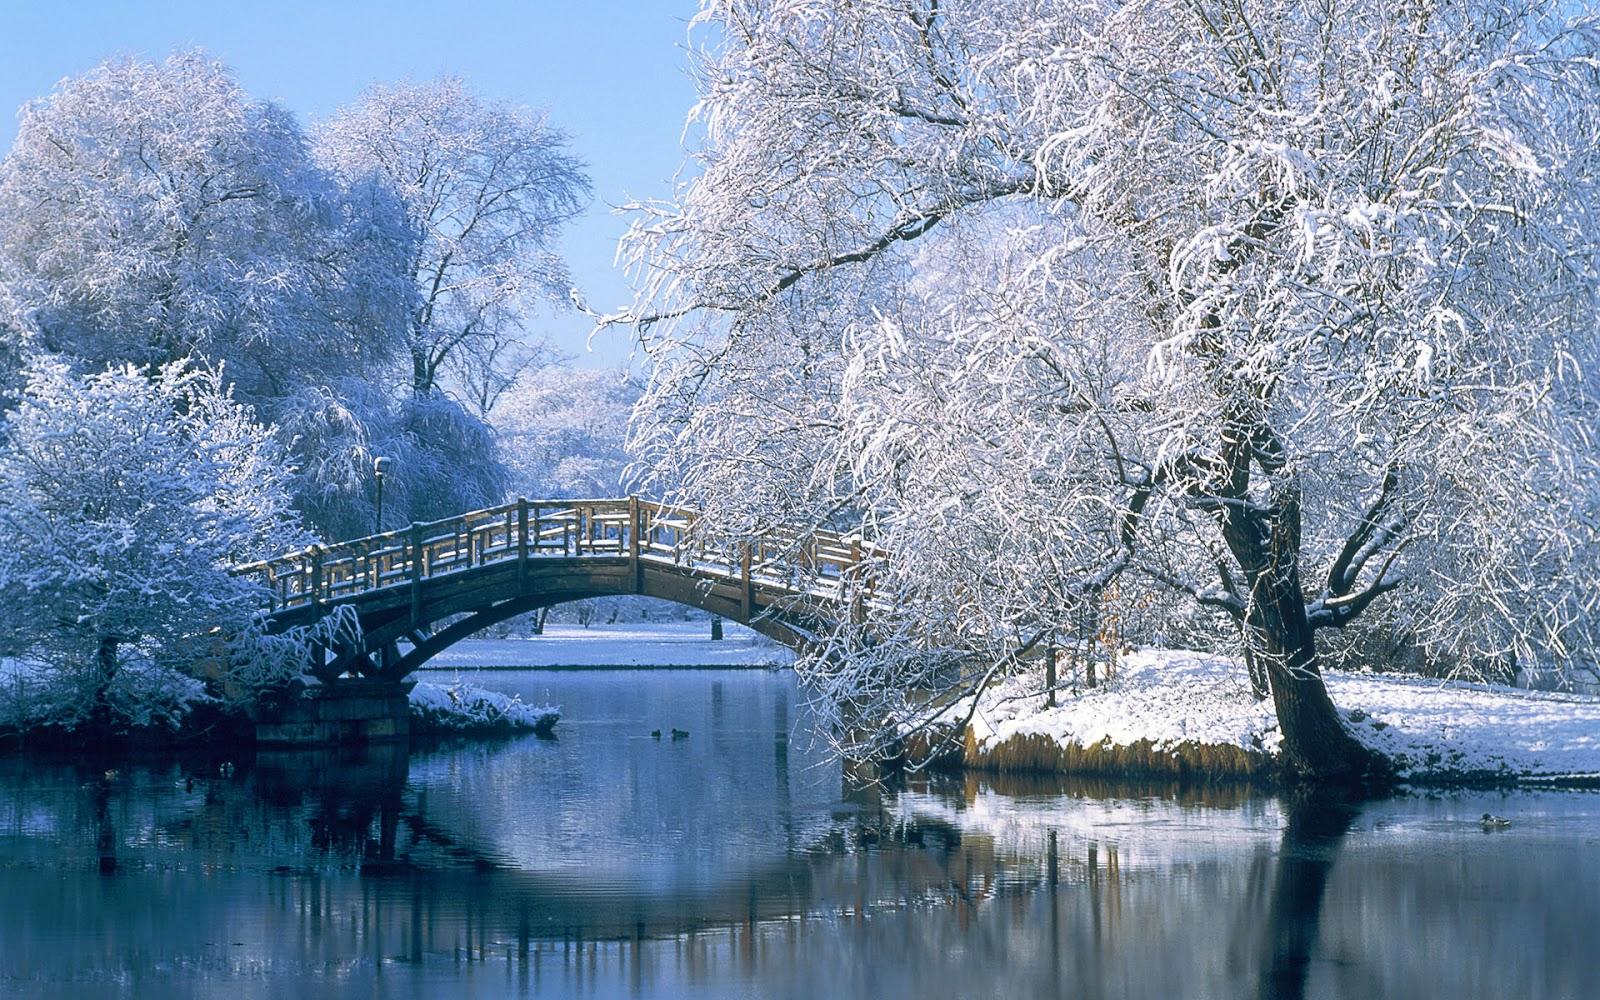 Le foto di paolo sfondi per desktop naturalistici for Immagini invernali per sfondo desktop